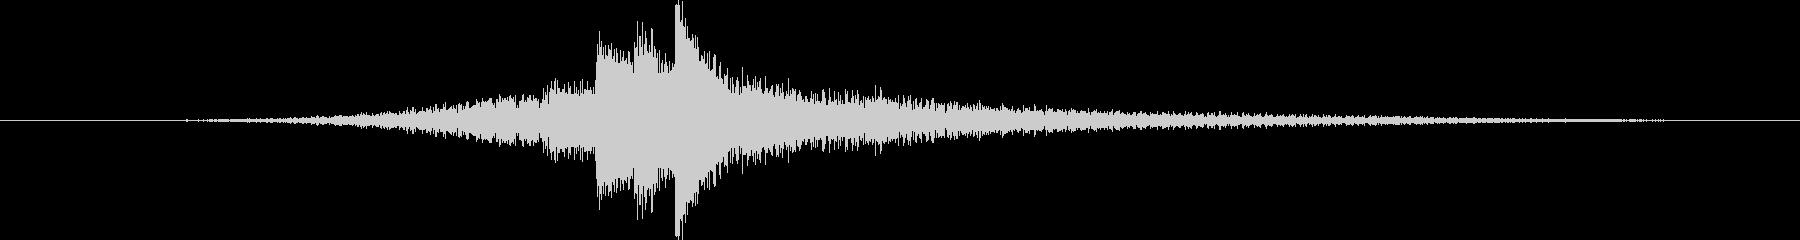 ピアノの音色による優しいサウンドロゴの未再生の波形